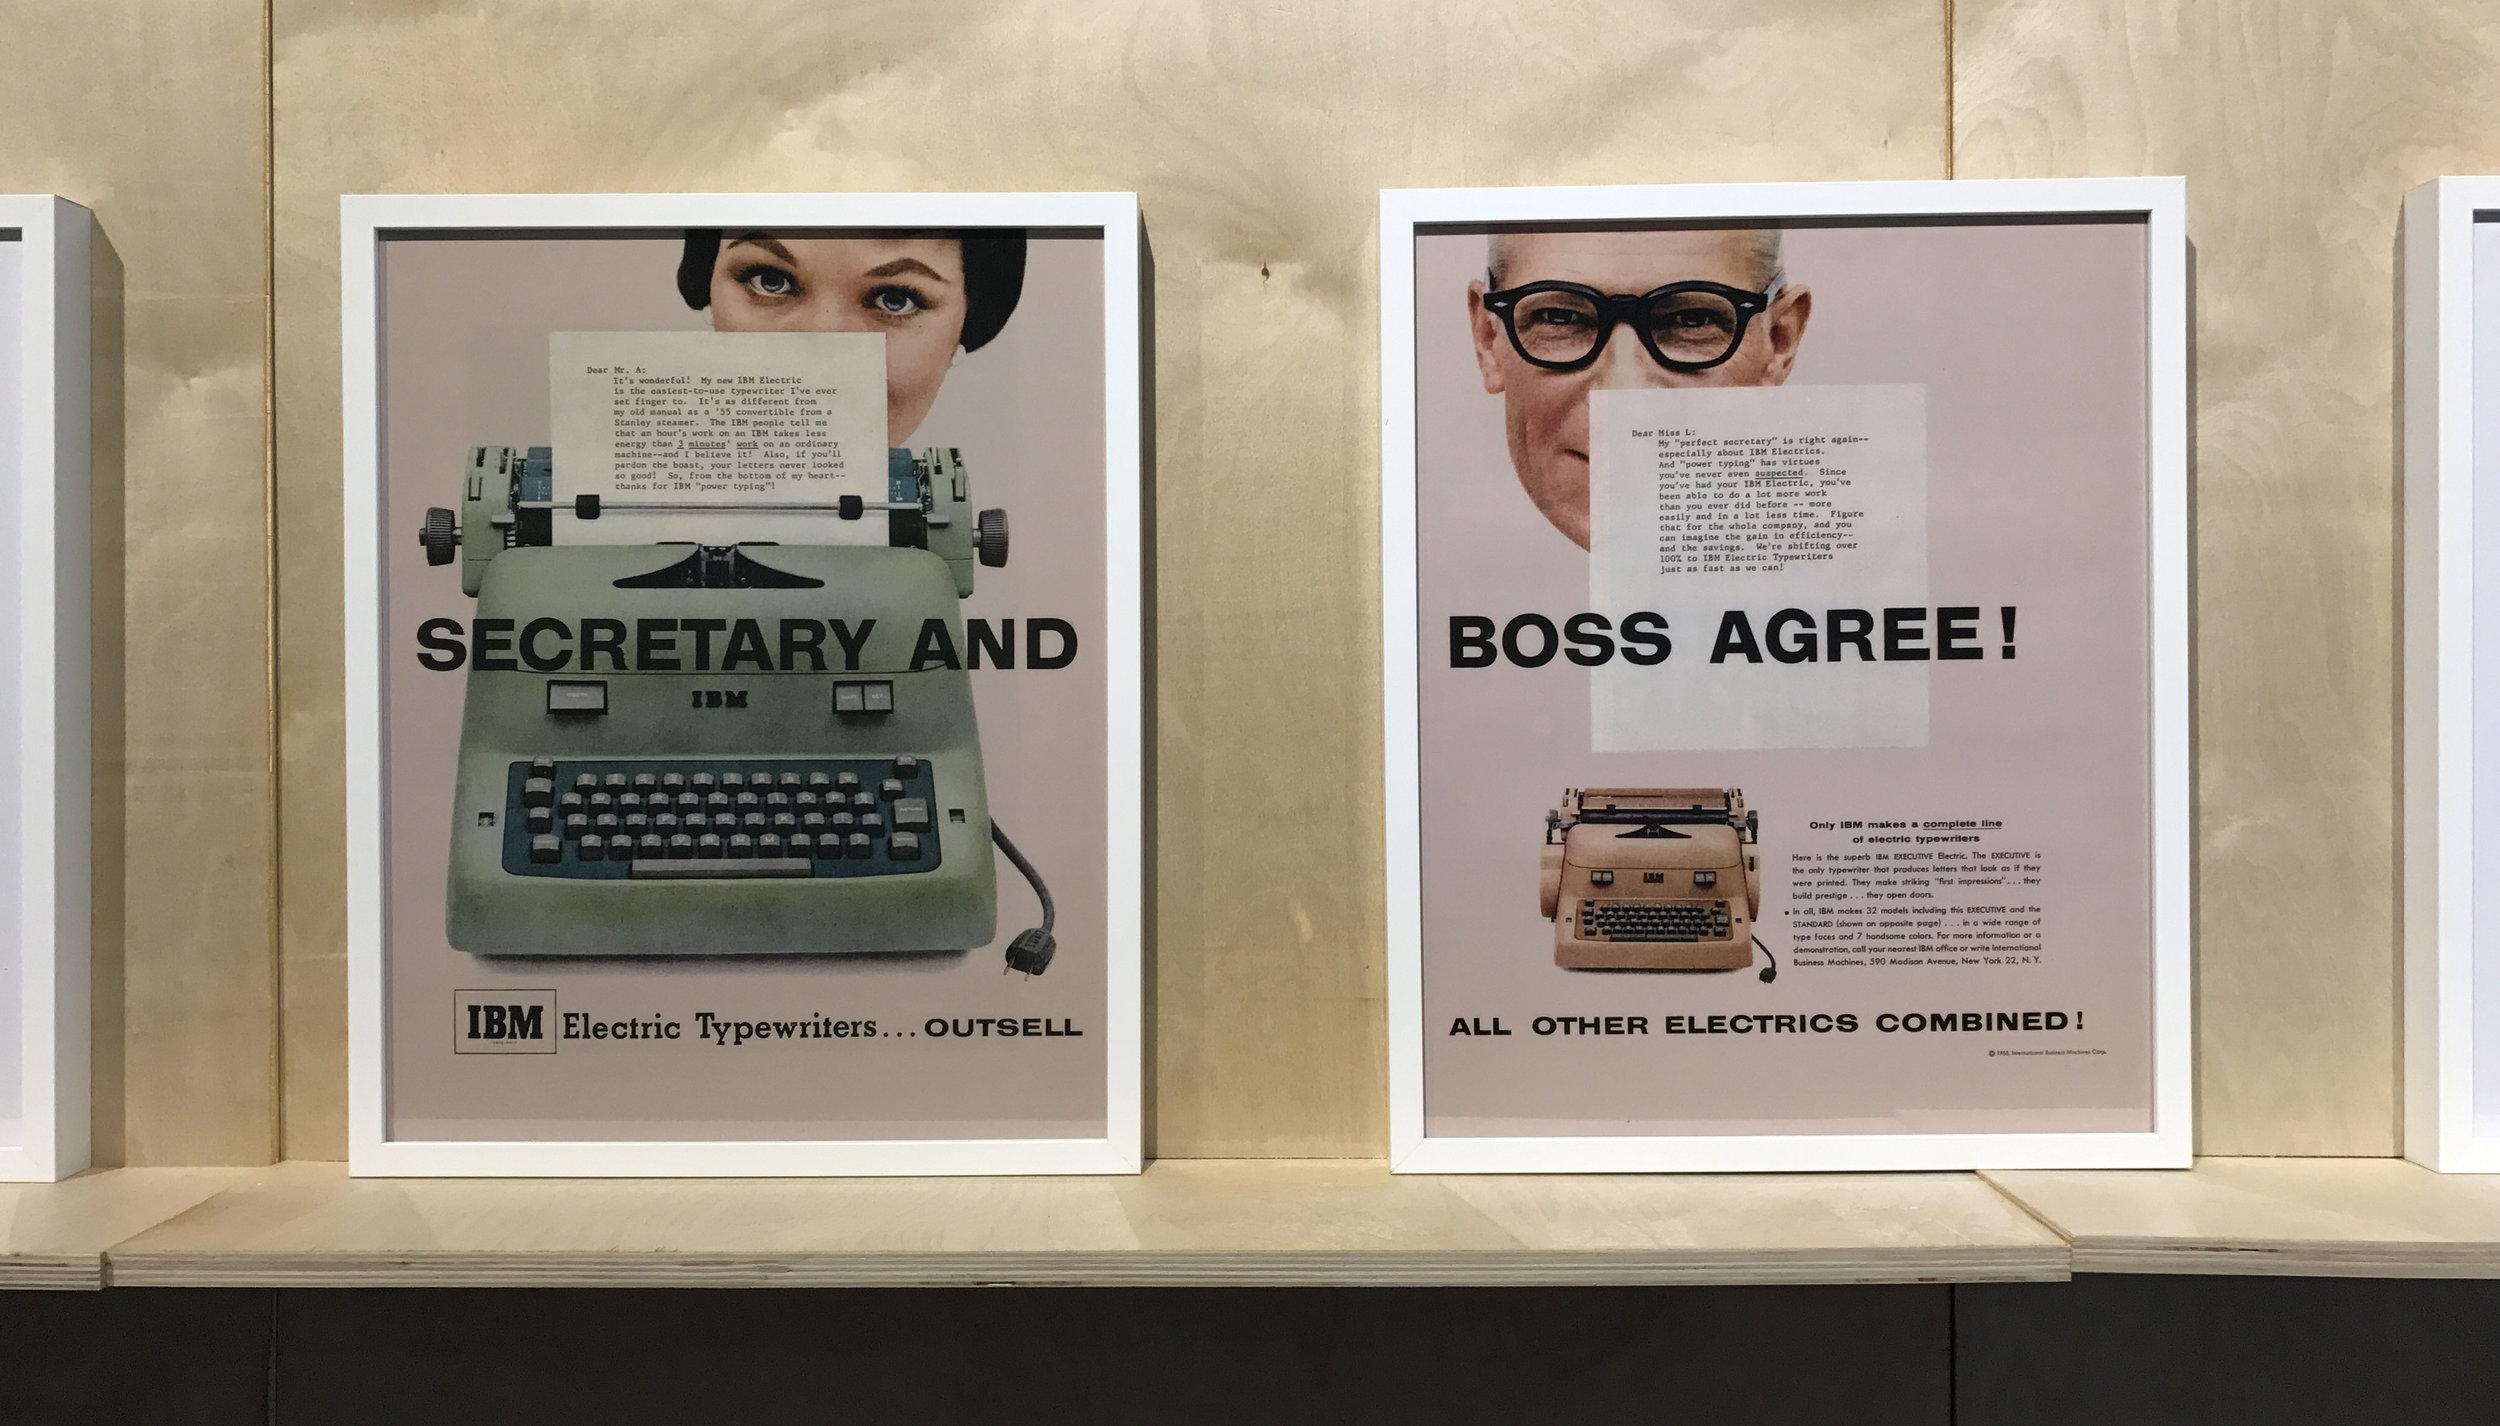 Installation Shots - The Typewriter 1046.JPG